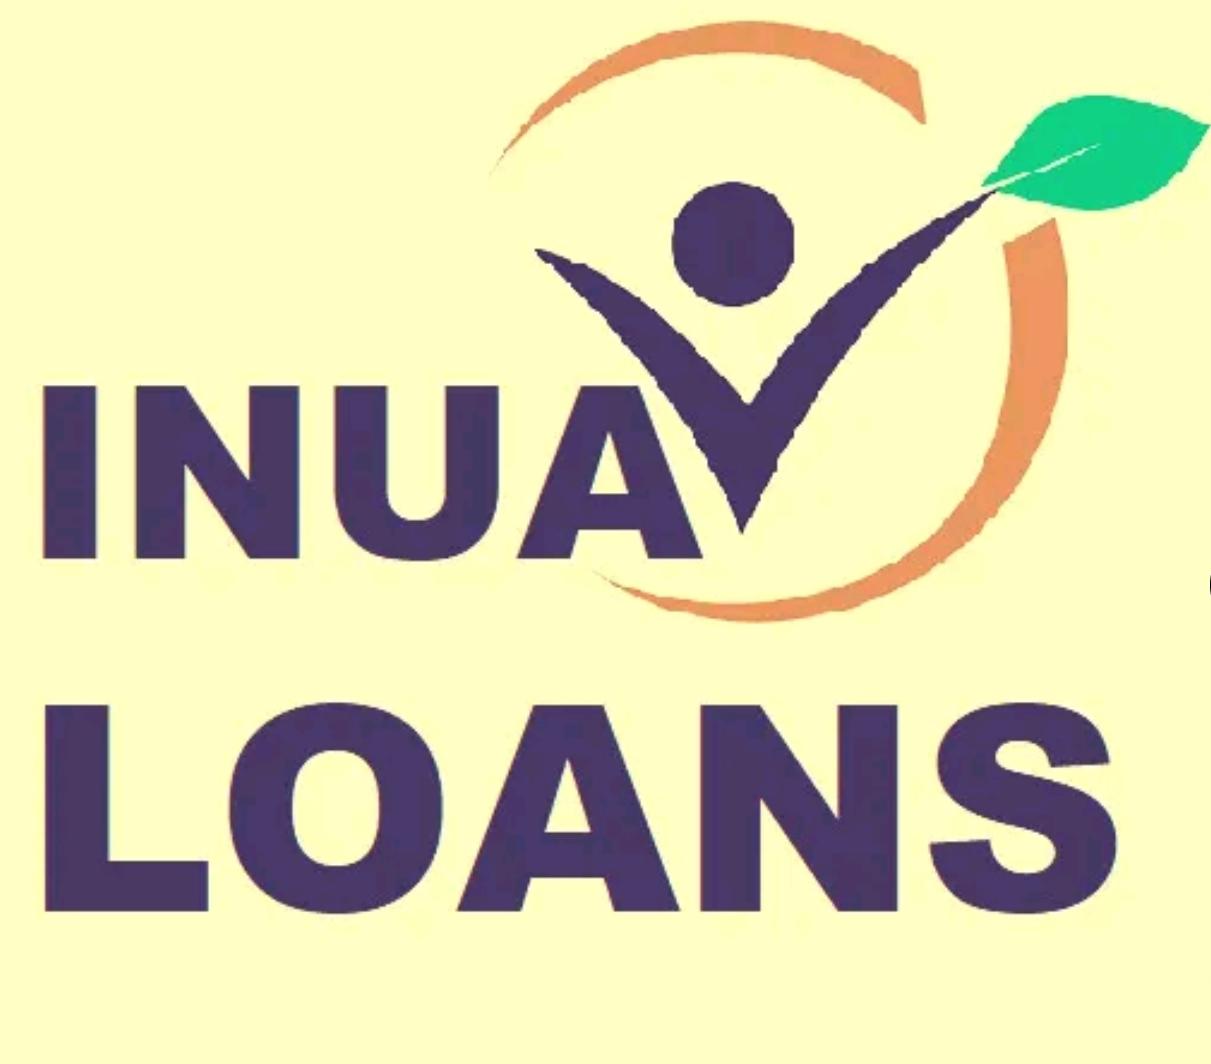 Inua Funds Loan app